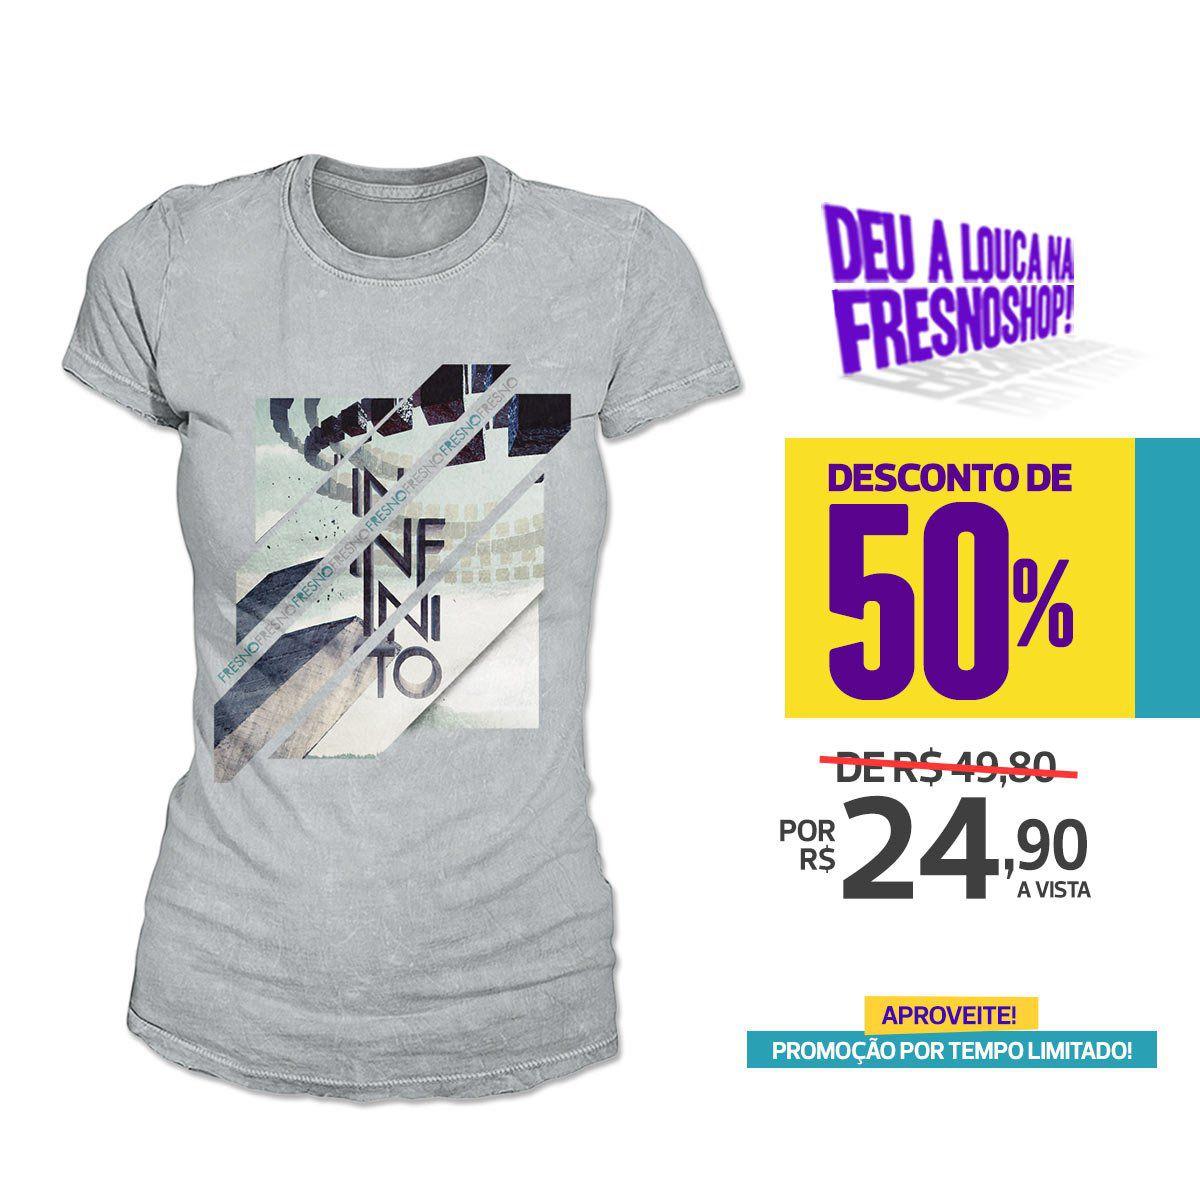 SUPER PROMOÇÃO Fresno - Camiseta Feminina Infinito CINZA